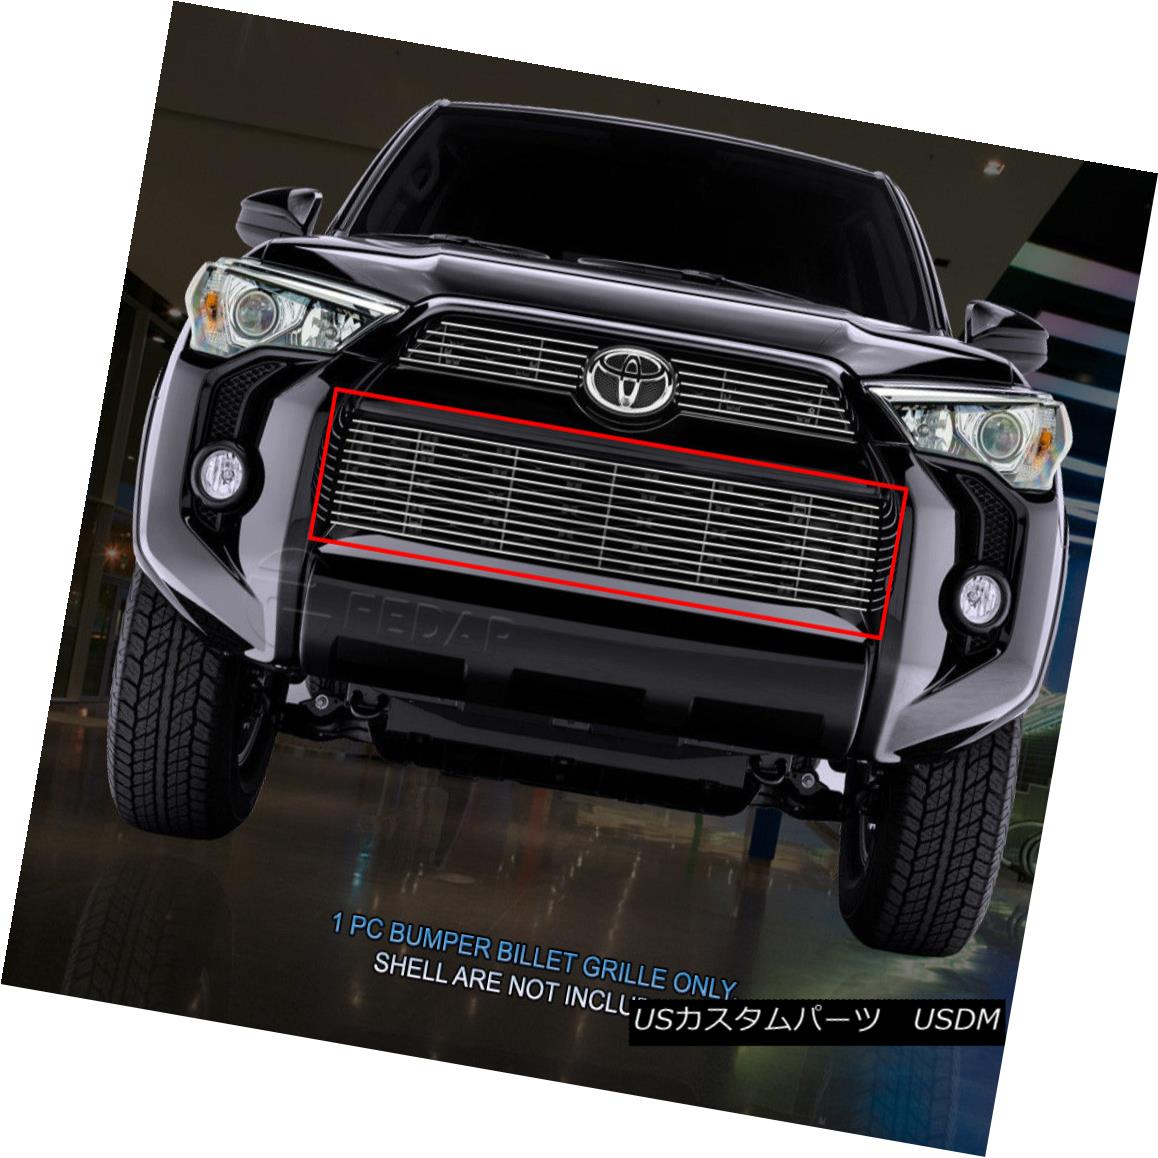 グリル Fedar Fits 2014-2017 Toyota 4Runner Polished Lower Bumper Billet Grille Insert Fedarフィット2014-2017 Toyota 4Runner Polished Lower Bumper Billet Grille Insert